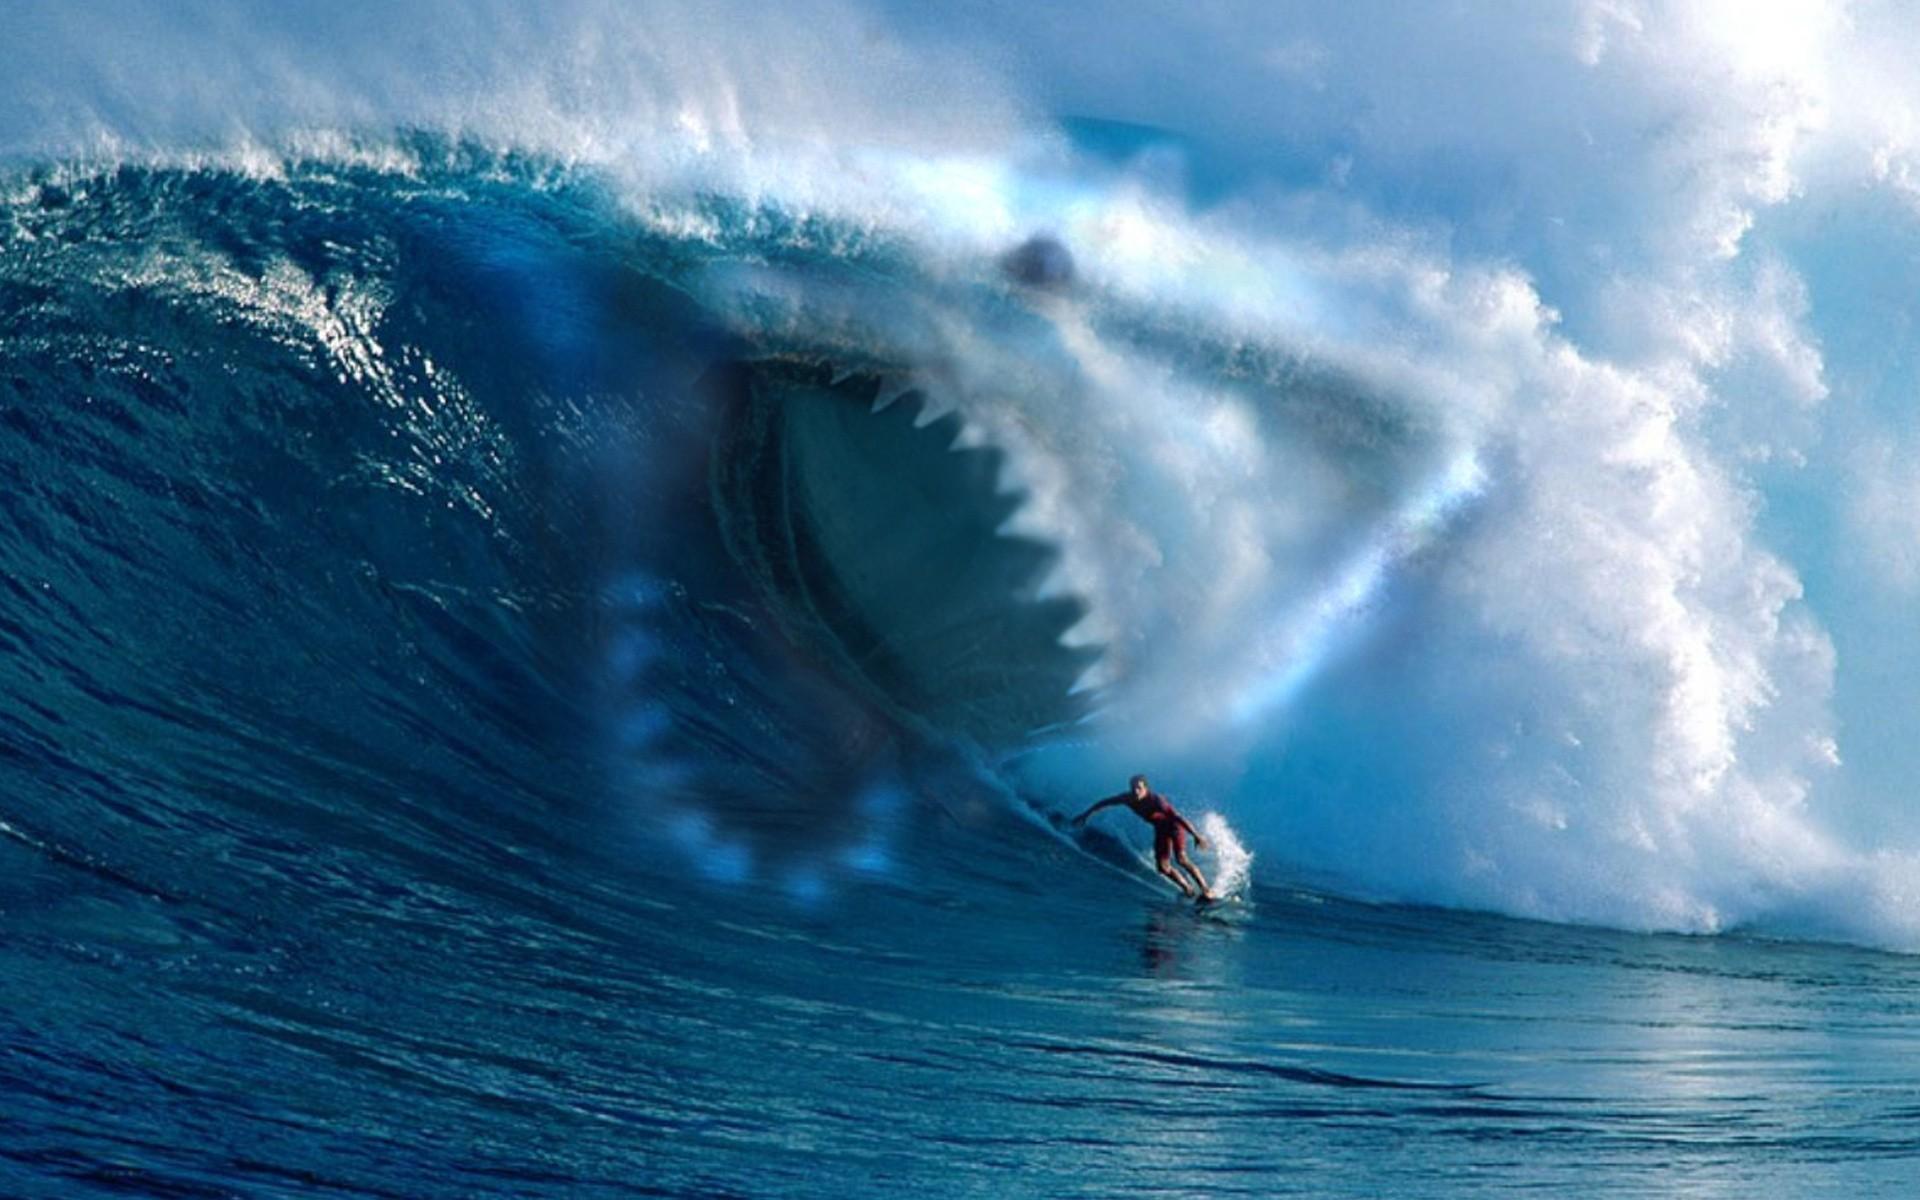 том, что смешные картинки с волнами это только